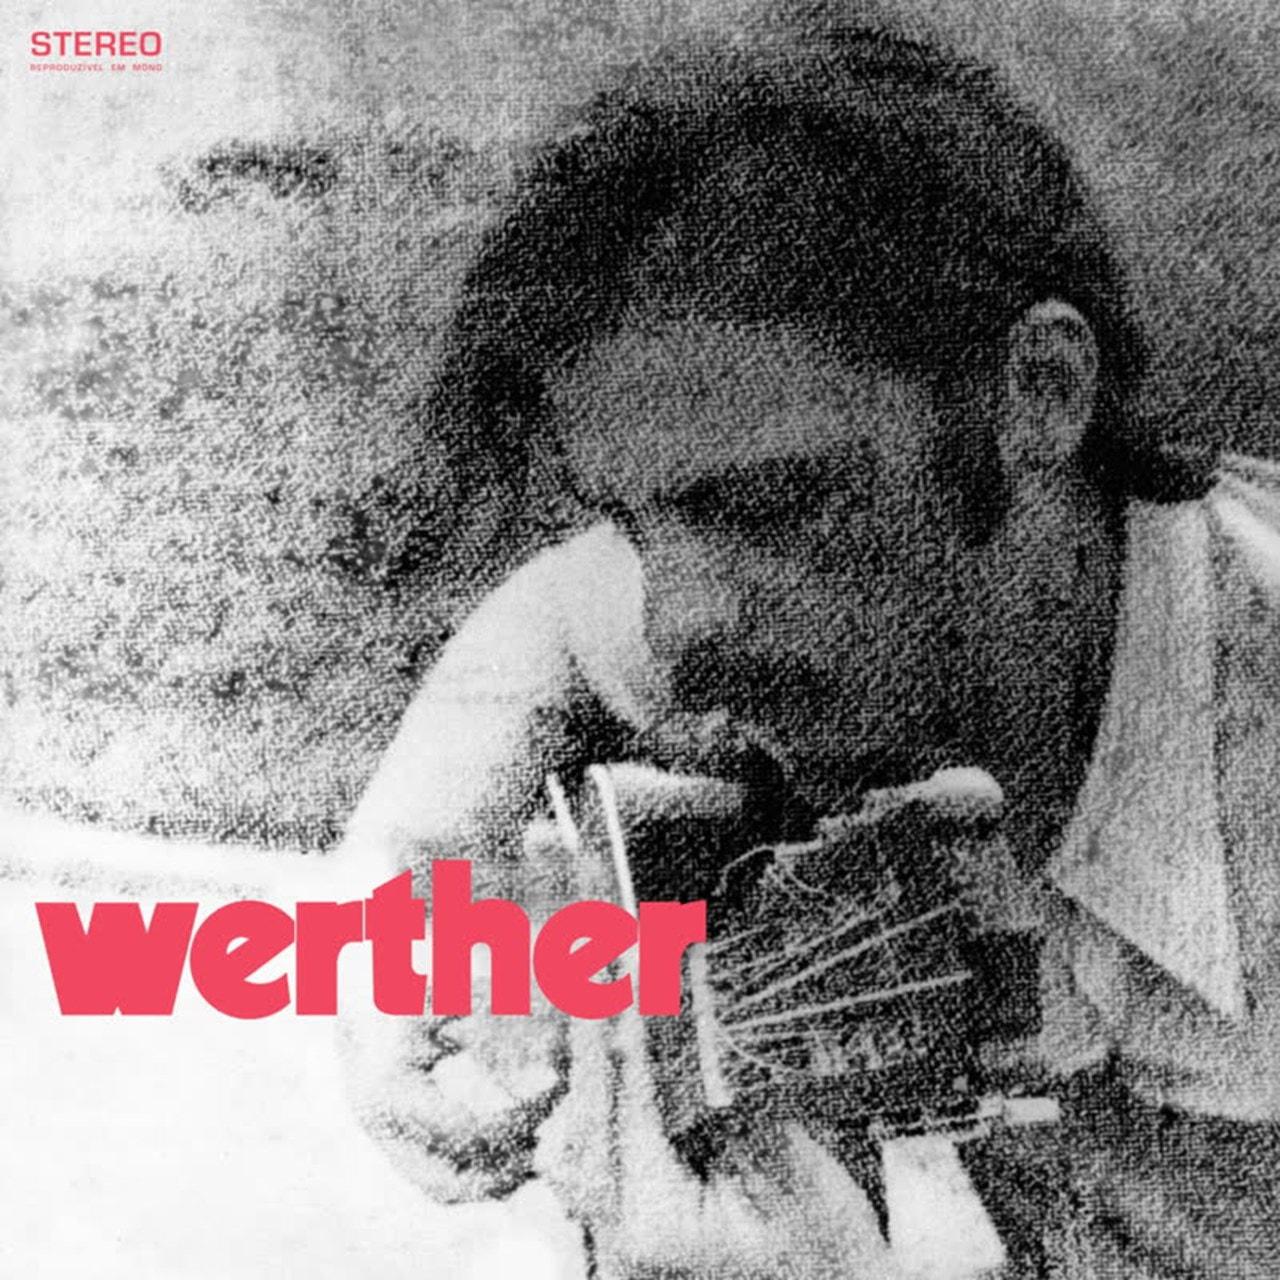 Werther - 1